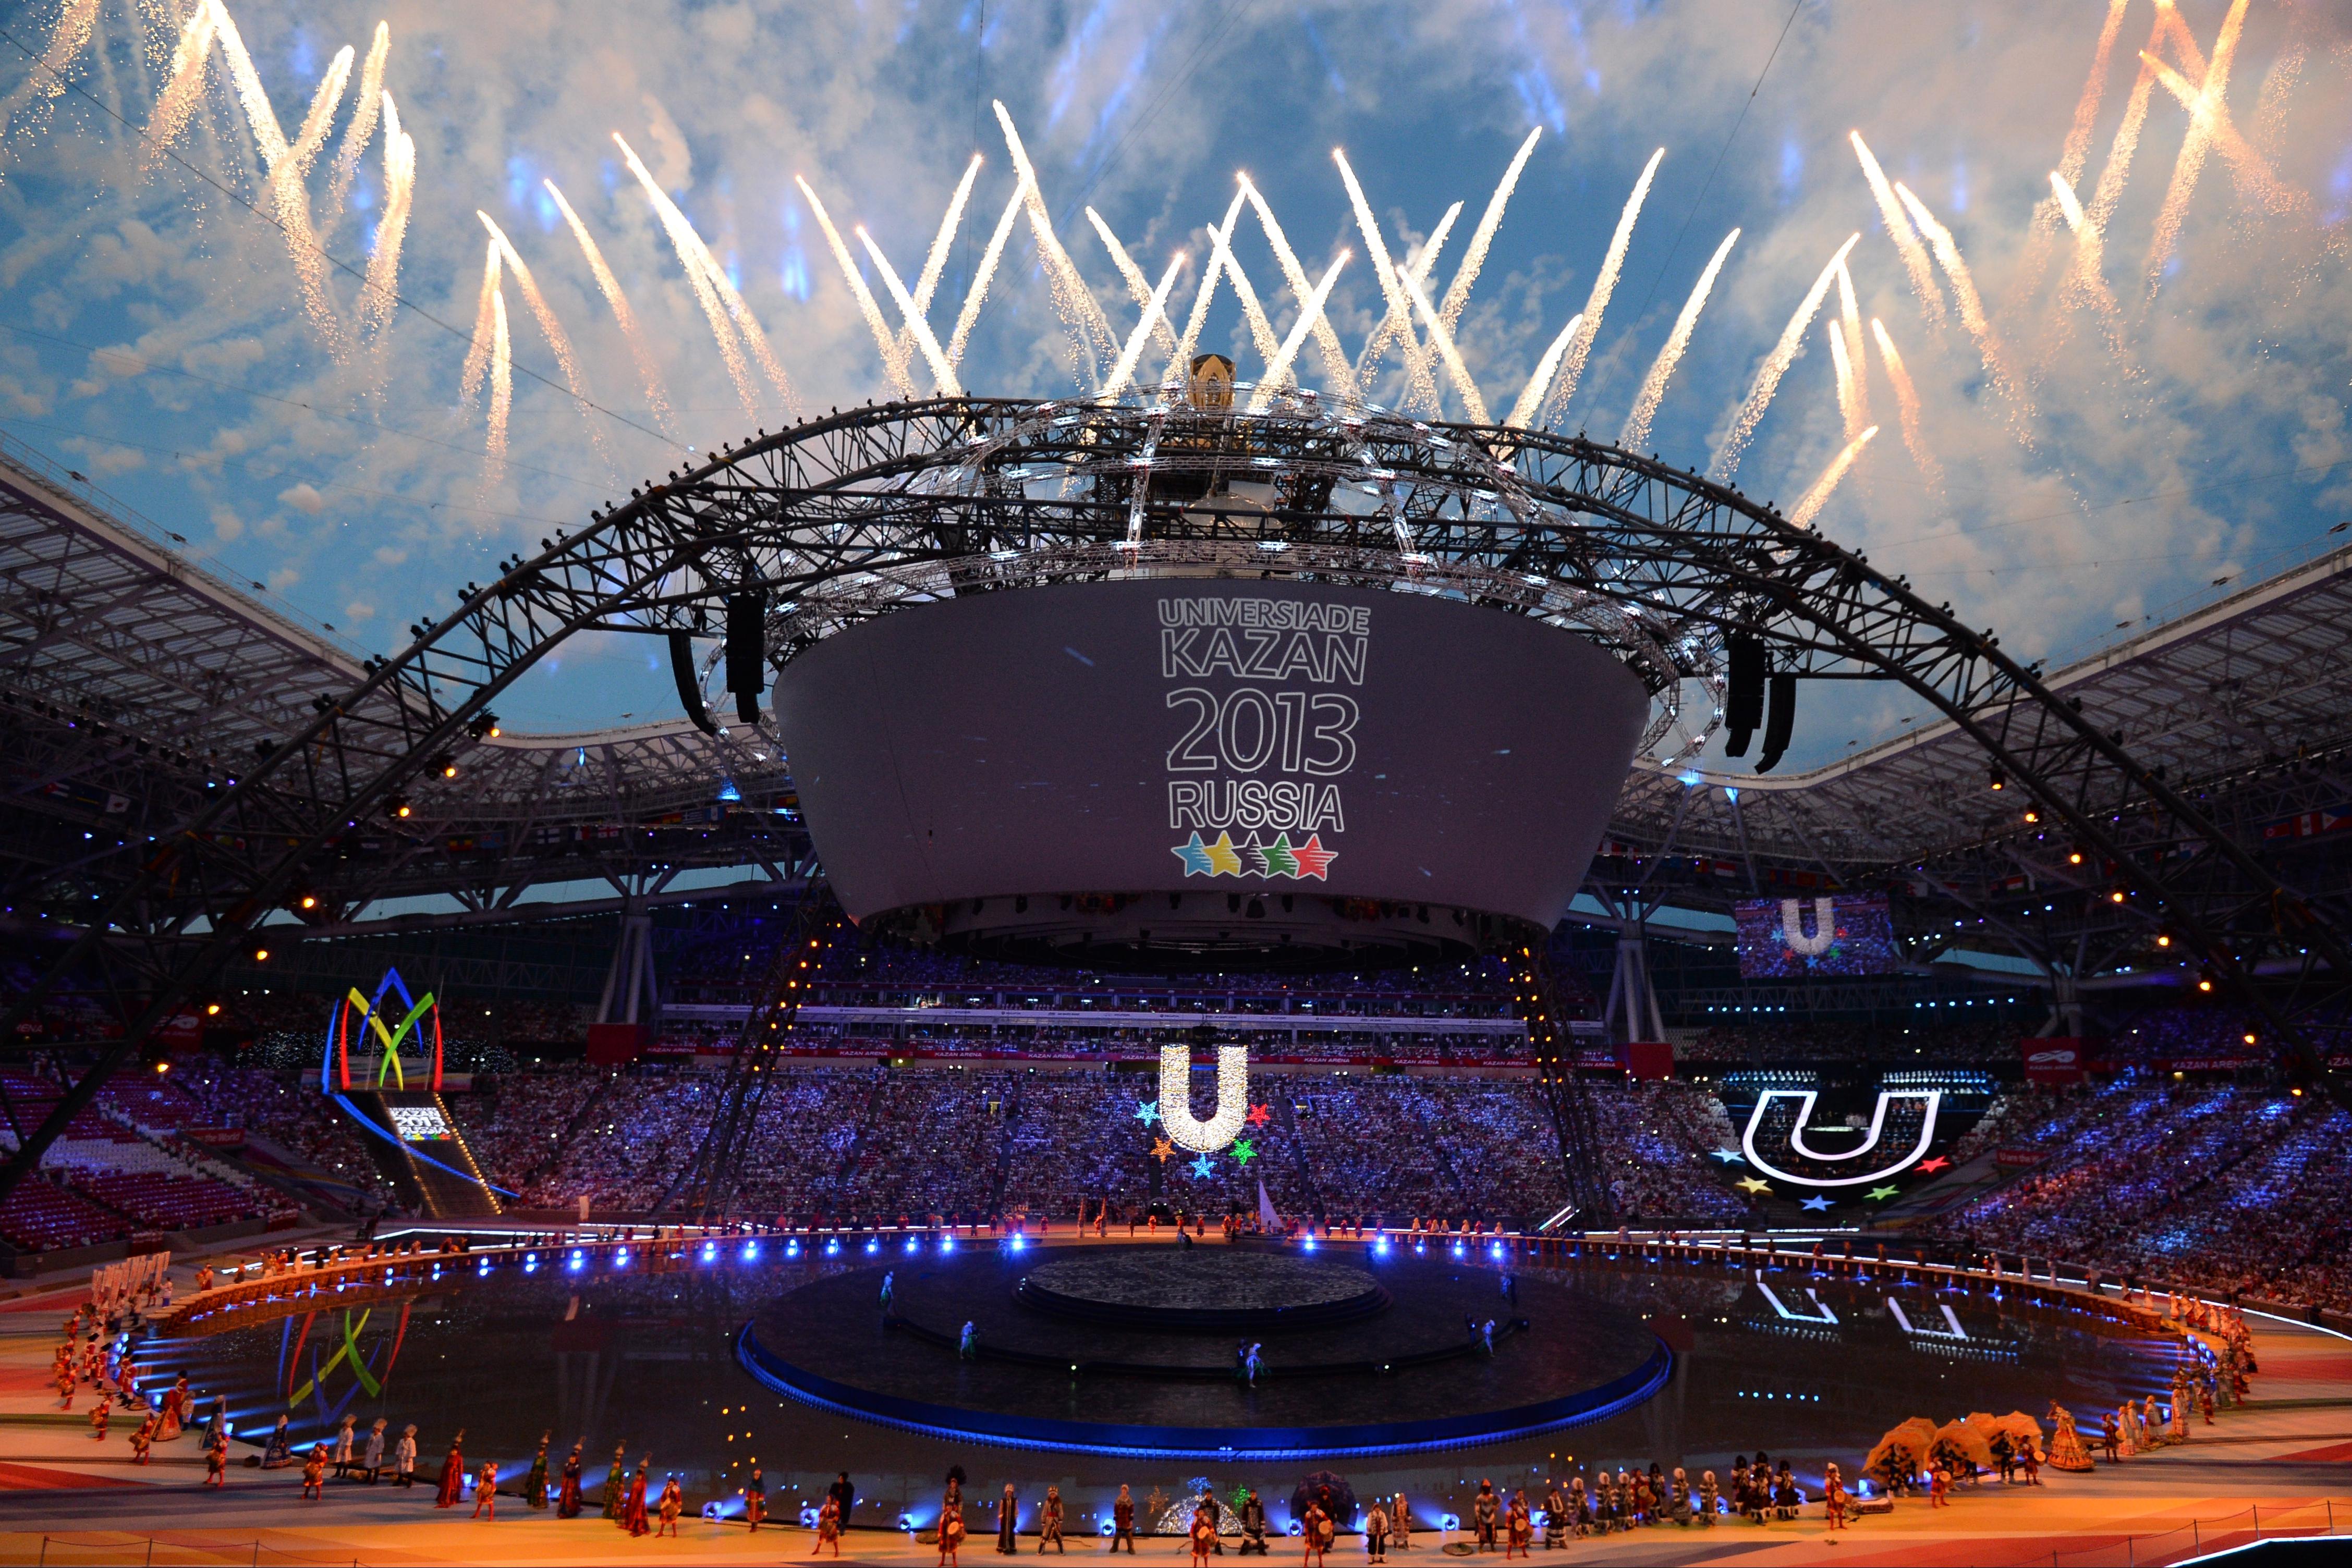 Где посмотреть открытие олимпиады в казани